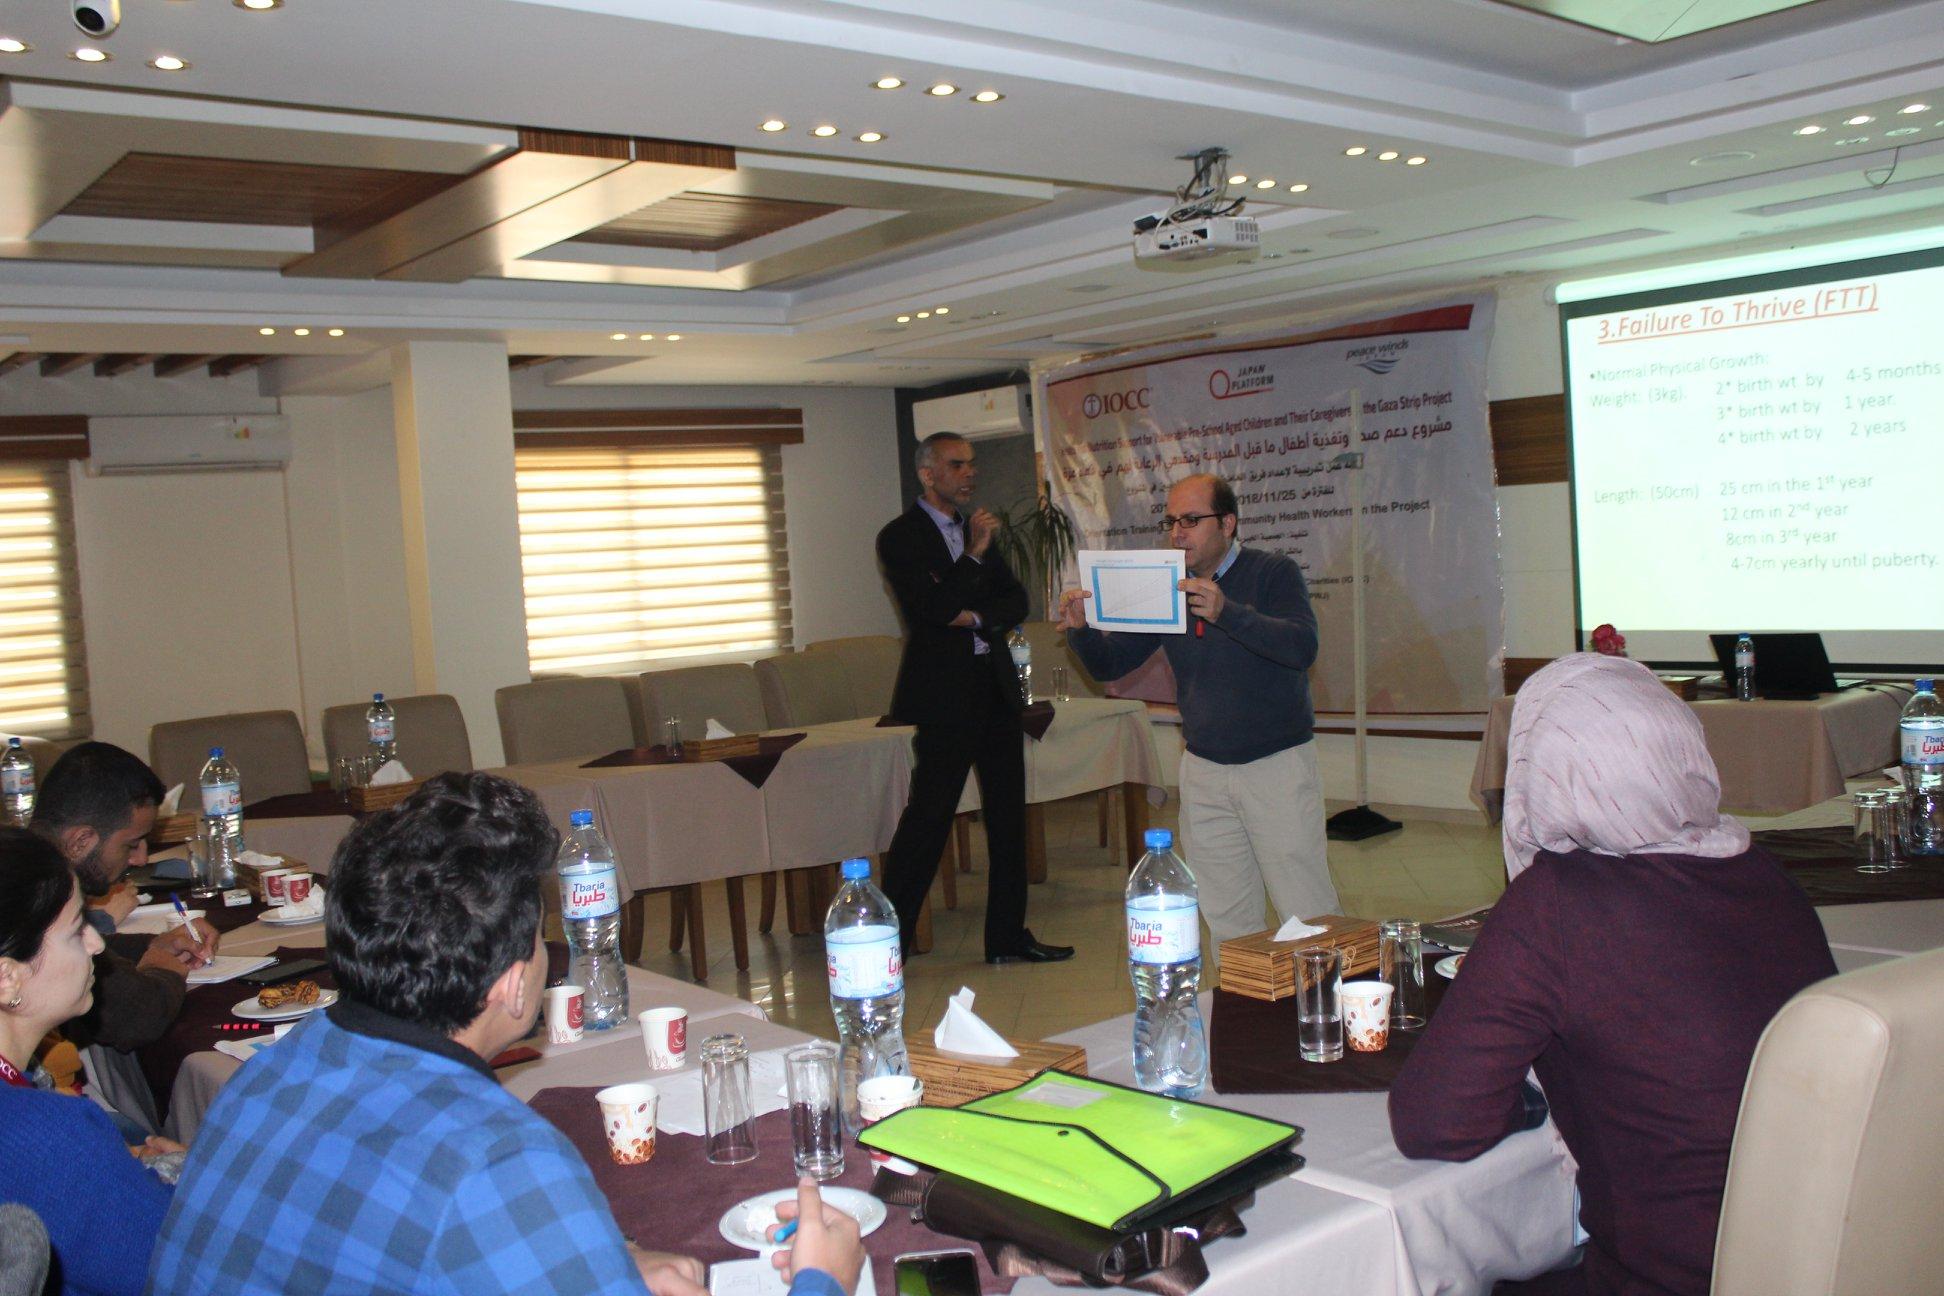 جمعية ارض الانسان الفلسطينية الخيرية تنفذ تدريبا بالتعاون مع الجمعية الخيرية الارثوذكسية العالمية